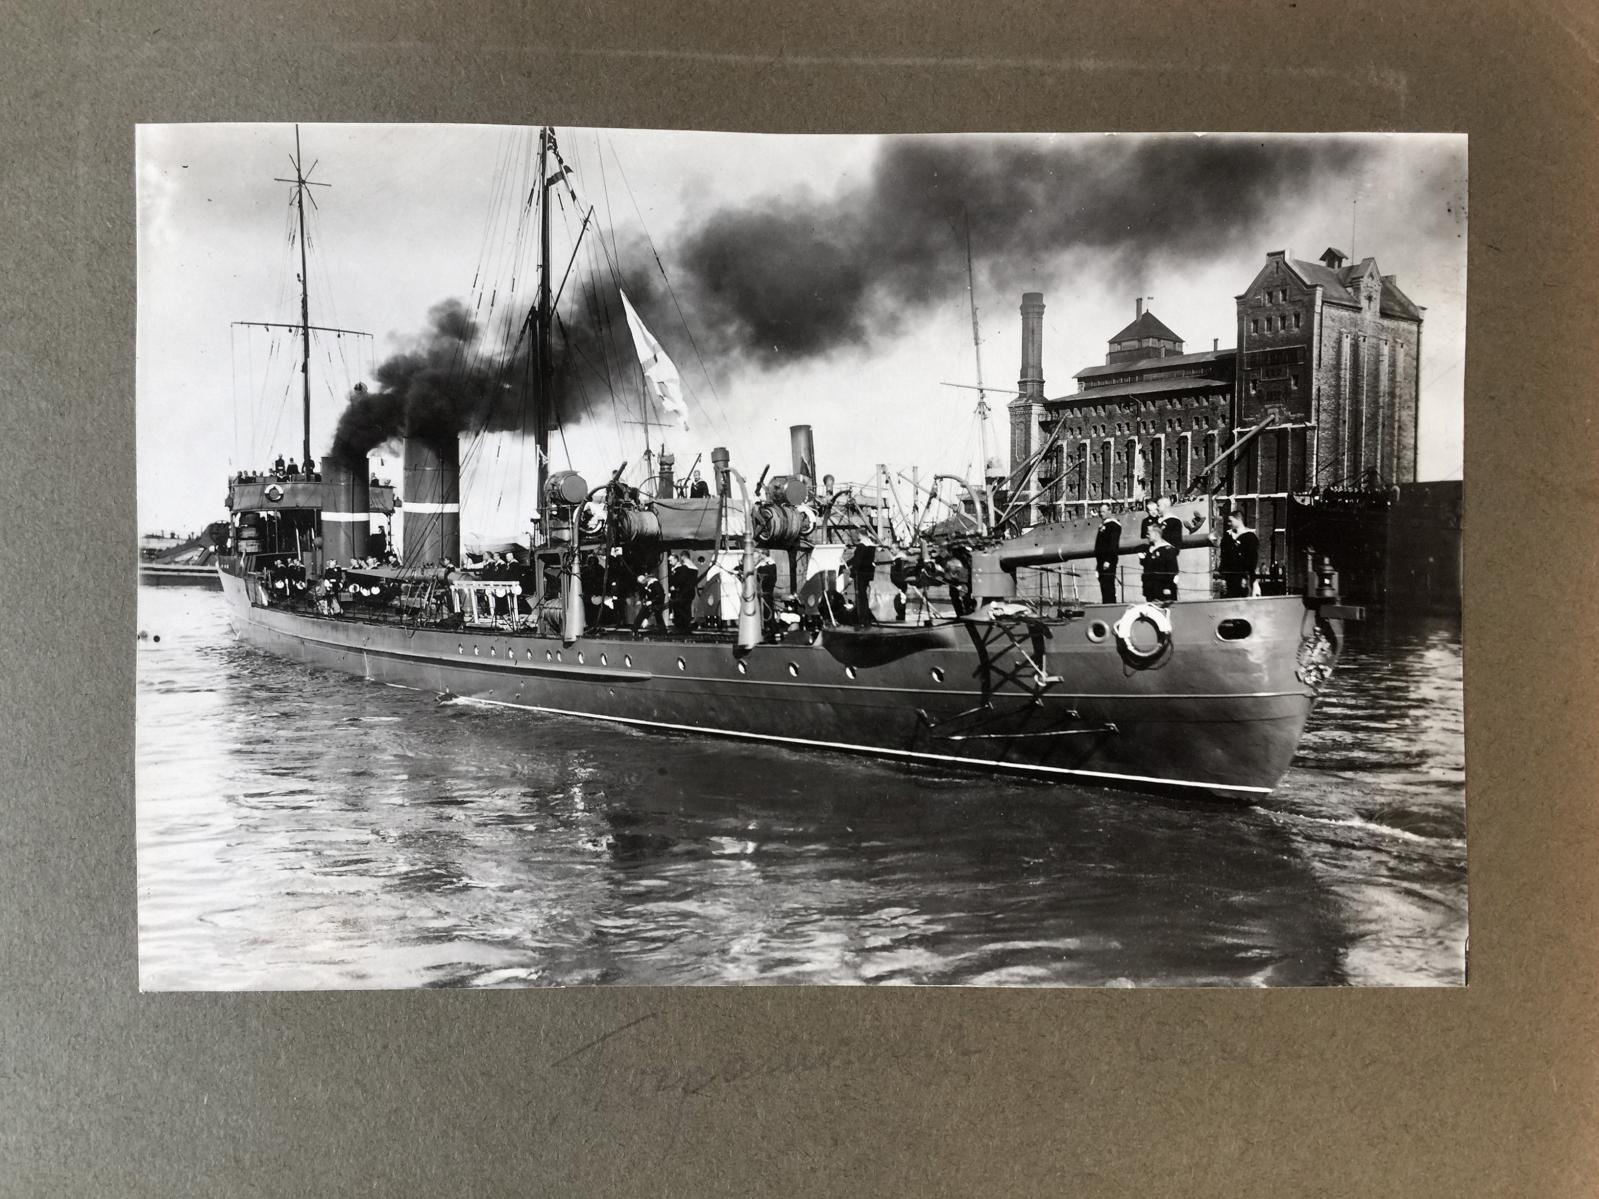 Amiral Alexandre Razvozov (1879-1920), album photo de l'équipage du Sébastopol, du cuirassier Rossya, du destroyer Pogranitchnik, du brise